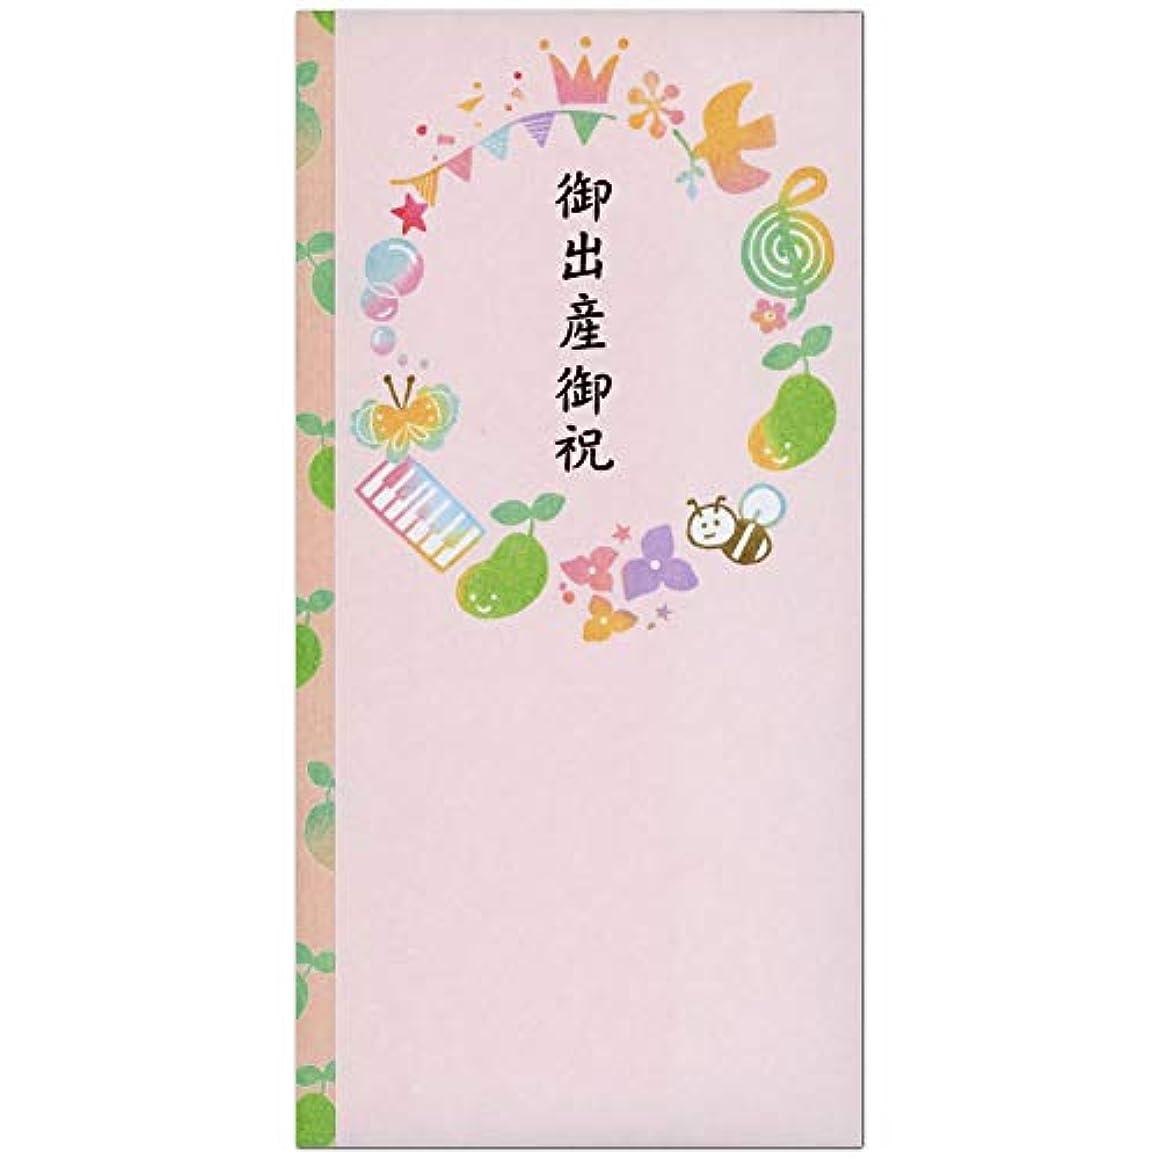 蒸発する滞在ジョリーフロンティア 祝儀袋 出産祝 はんこ新芽 SG−183 ピンク